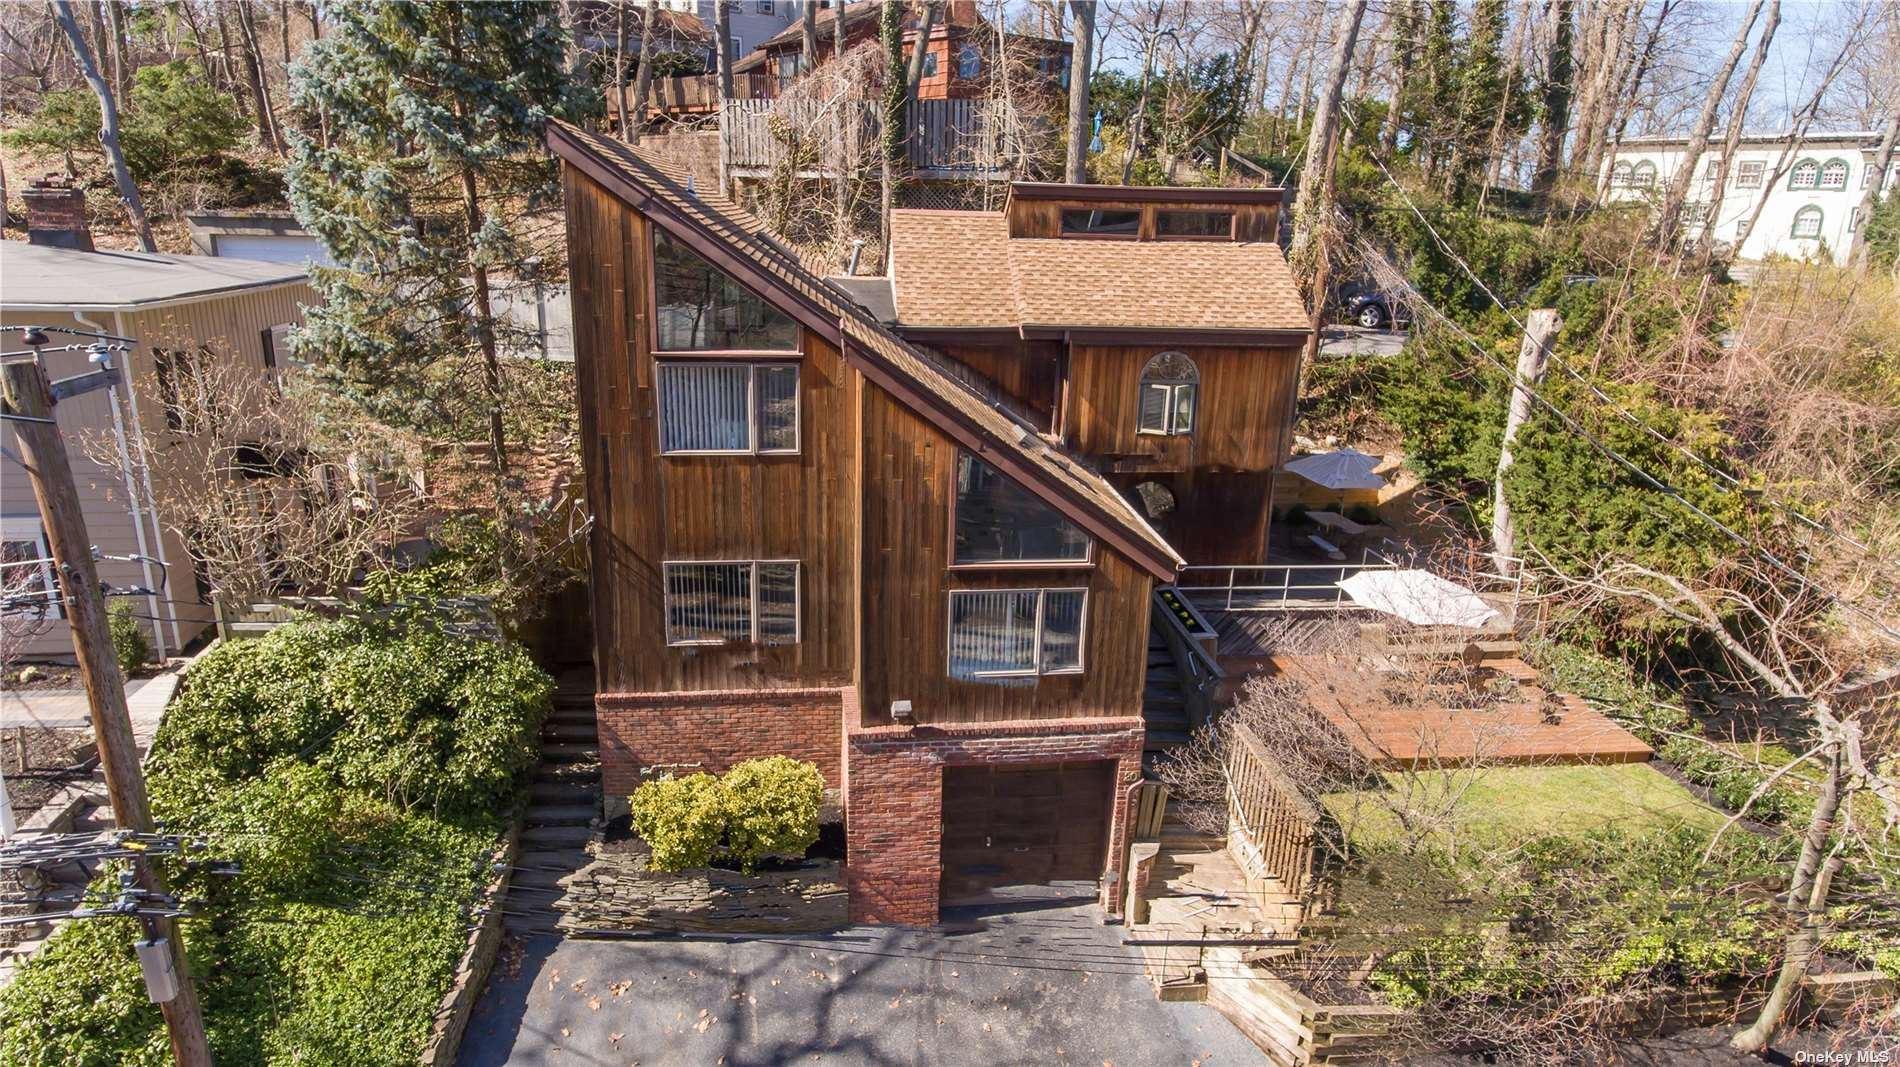 20 Glenna Little Trail, Huntington, NY 11743 - MLS#: 3300217